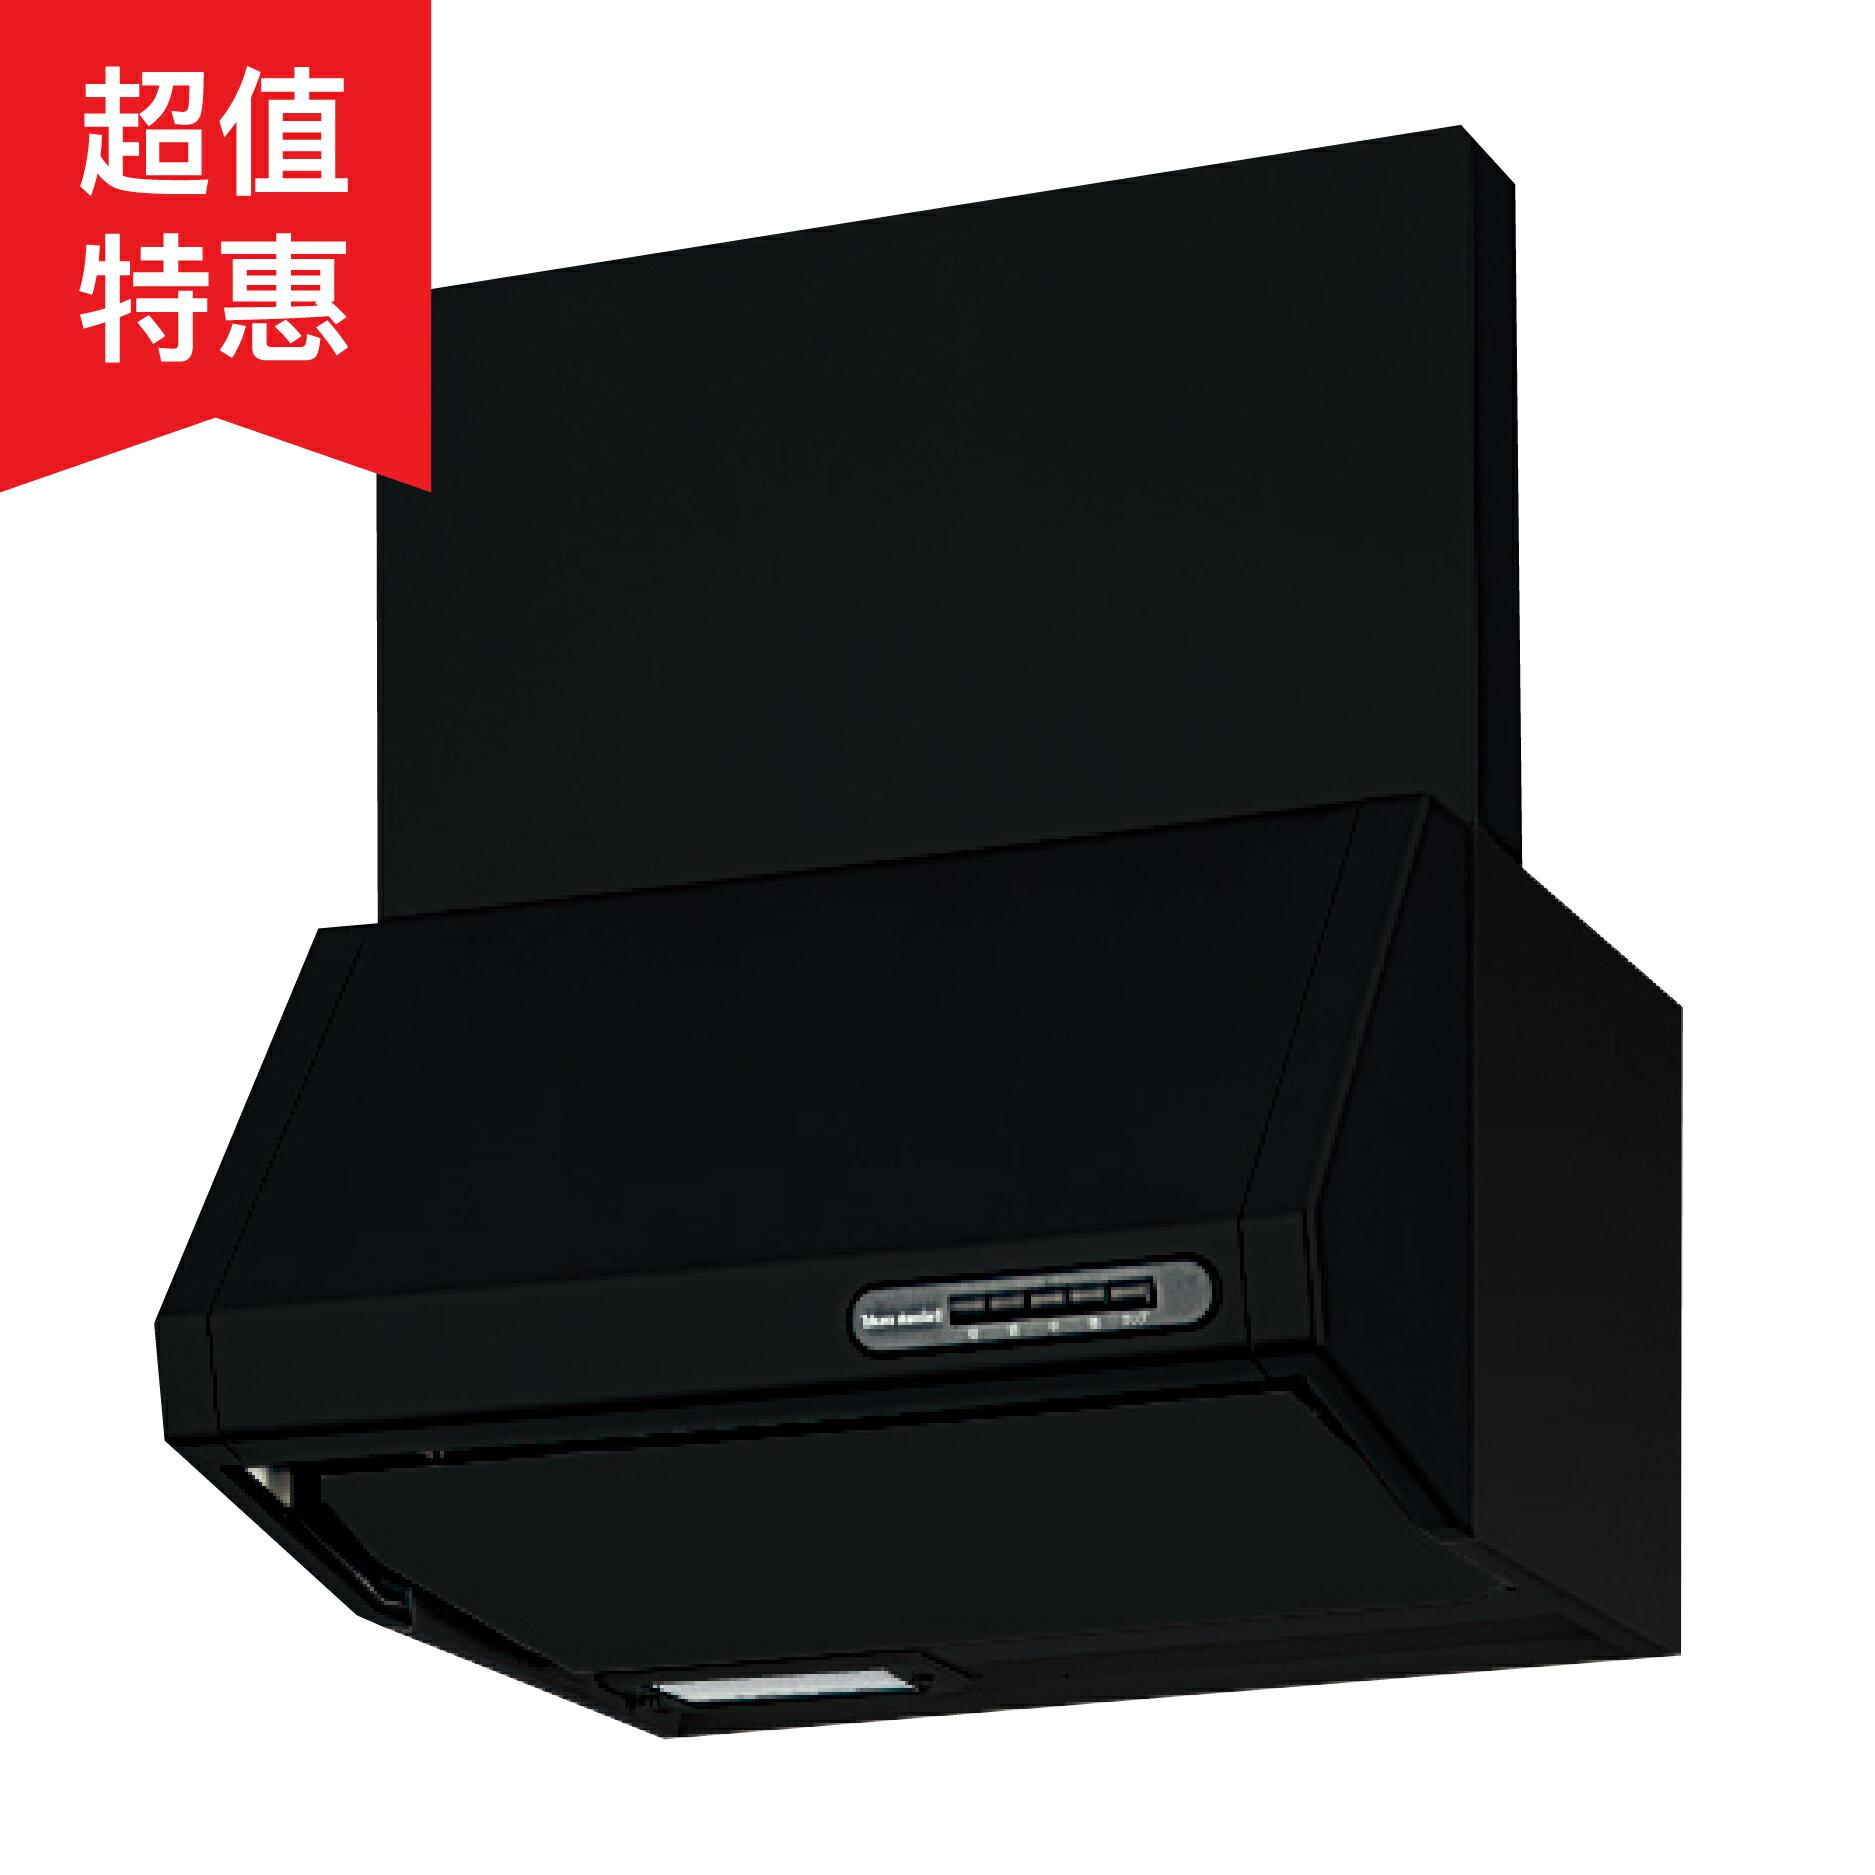 【預購】日本廚房用家電-Takara Standard 靜音環吸排油煙機【RUS90K】強大吸力,靜音除味,保持居家空氣清新